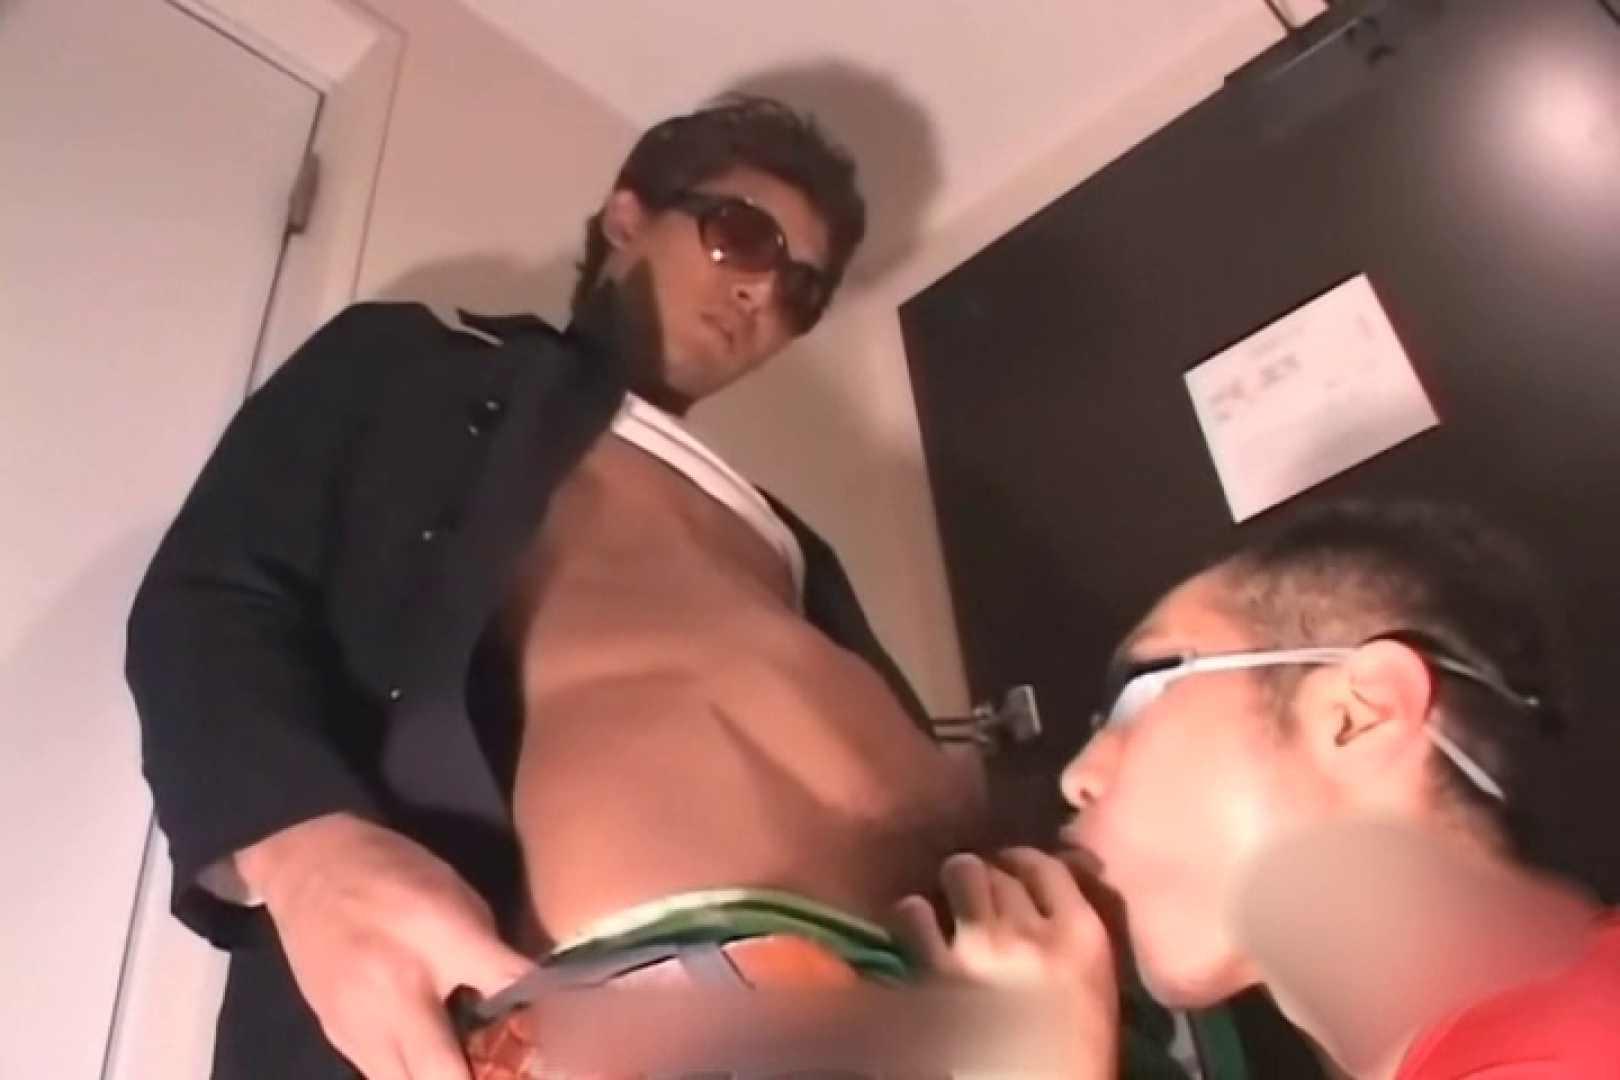 スリ筋イケメンアナル開発部! 顔射動画   大人の玩具 ゲイモロ画像 13連発 10